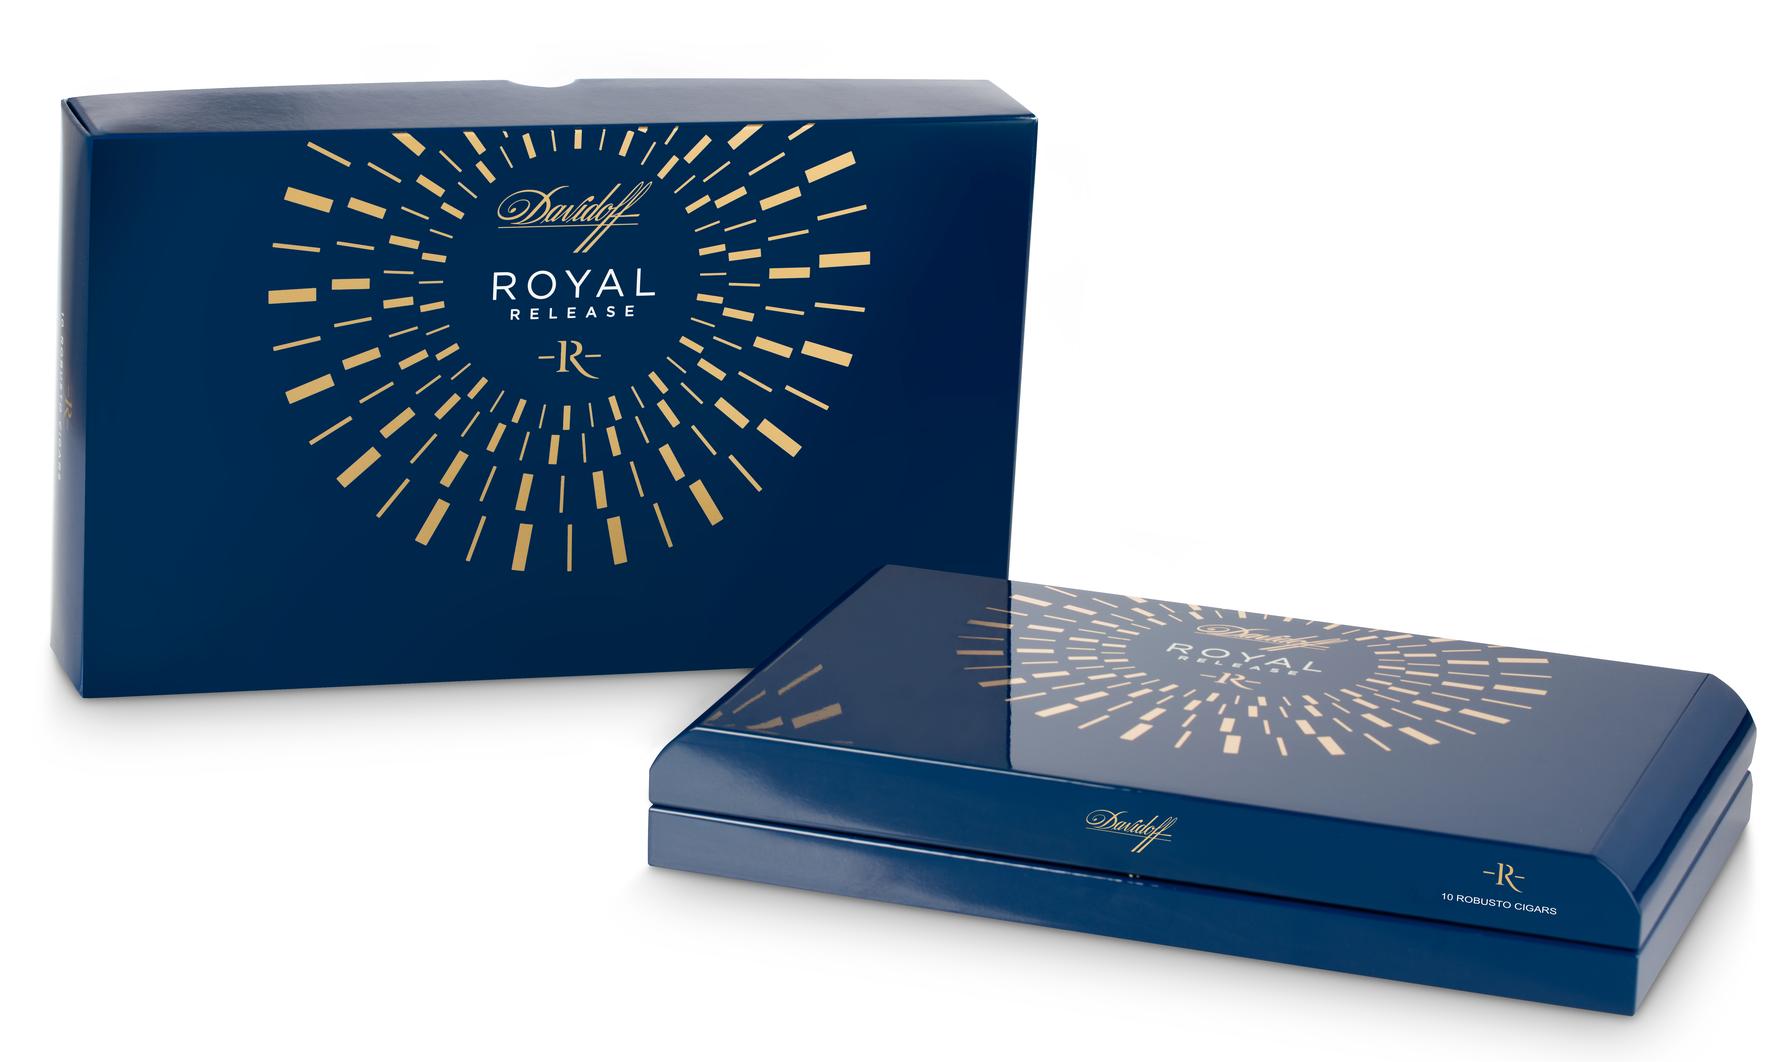 Davidoff Royal Release Boxes